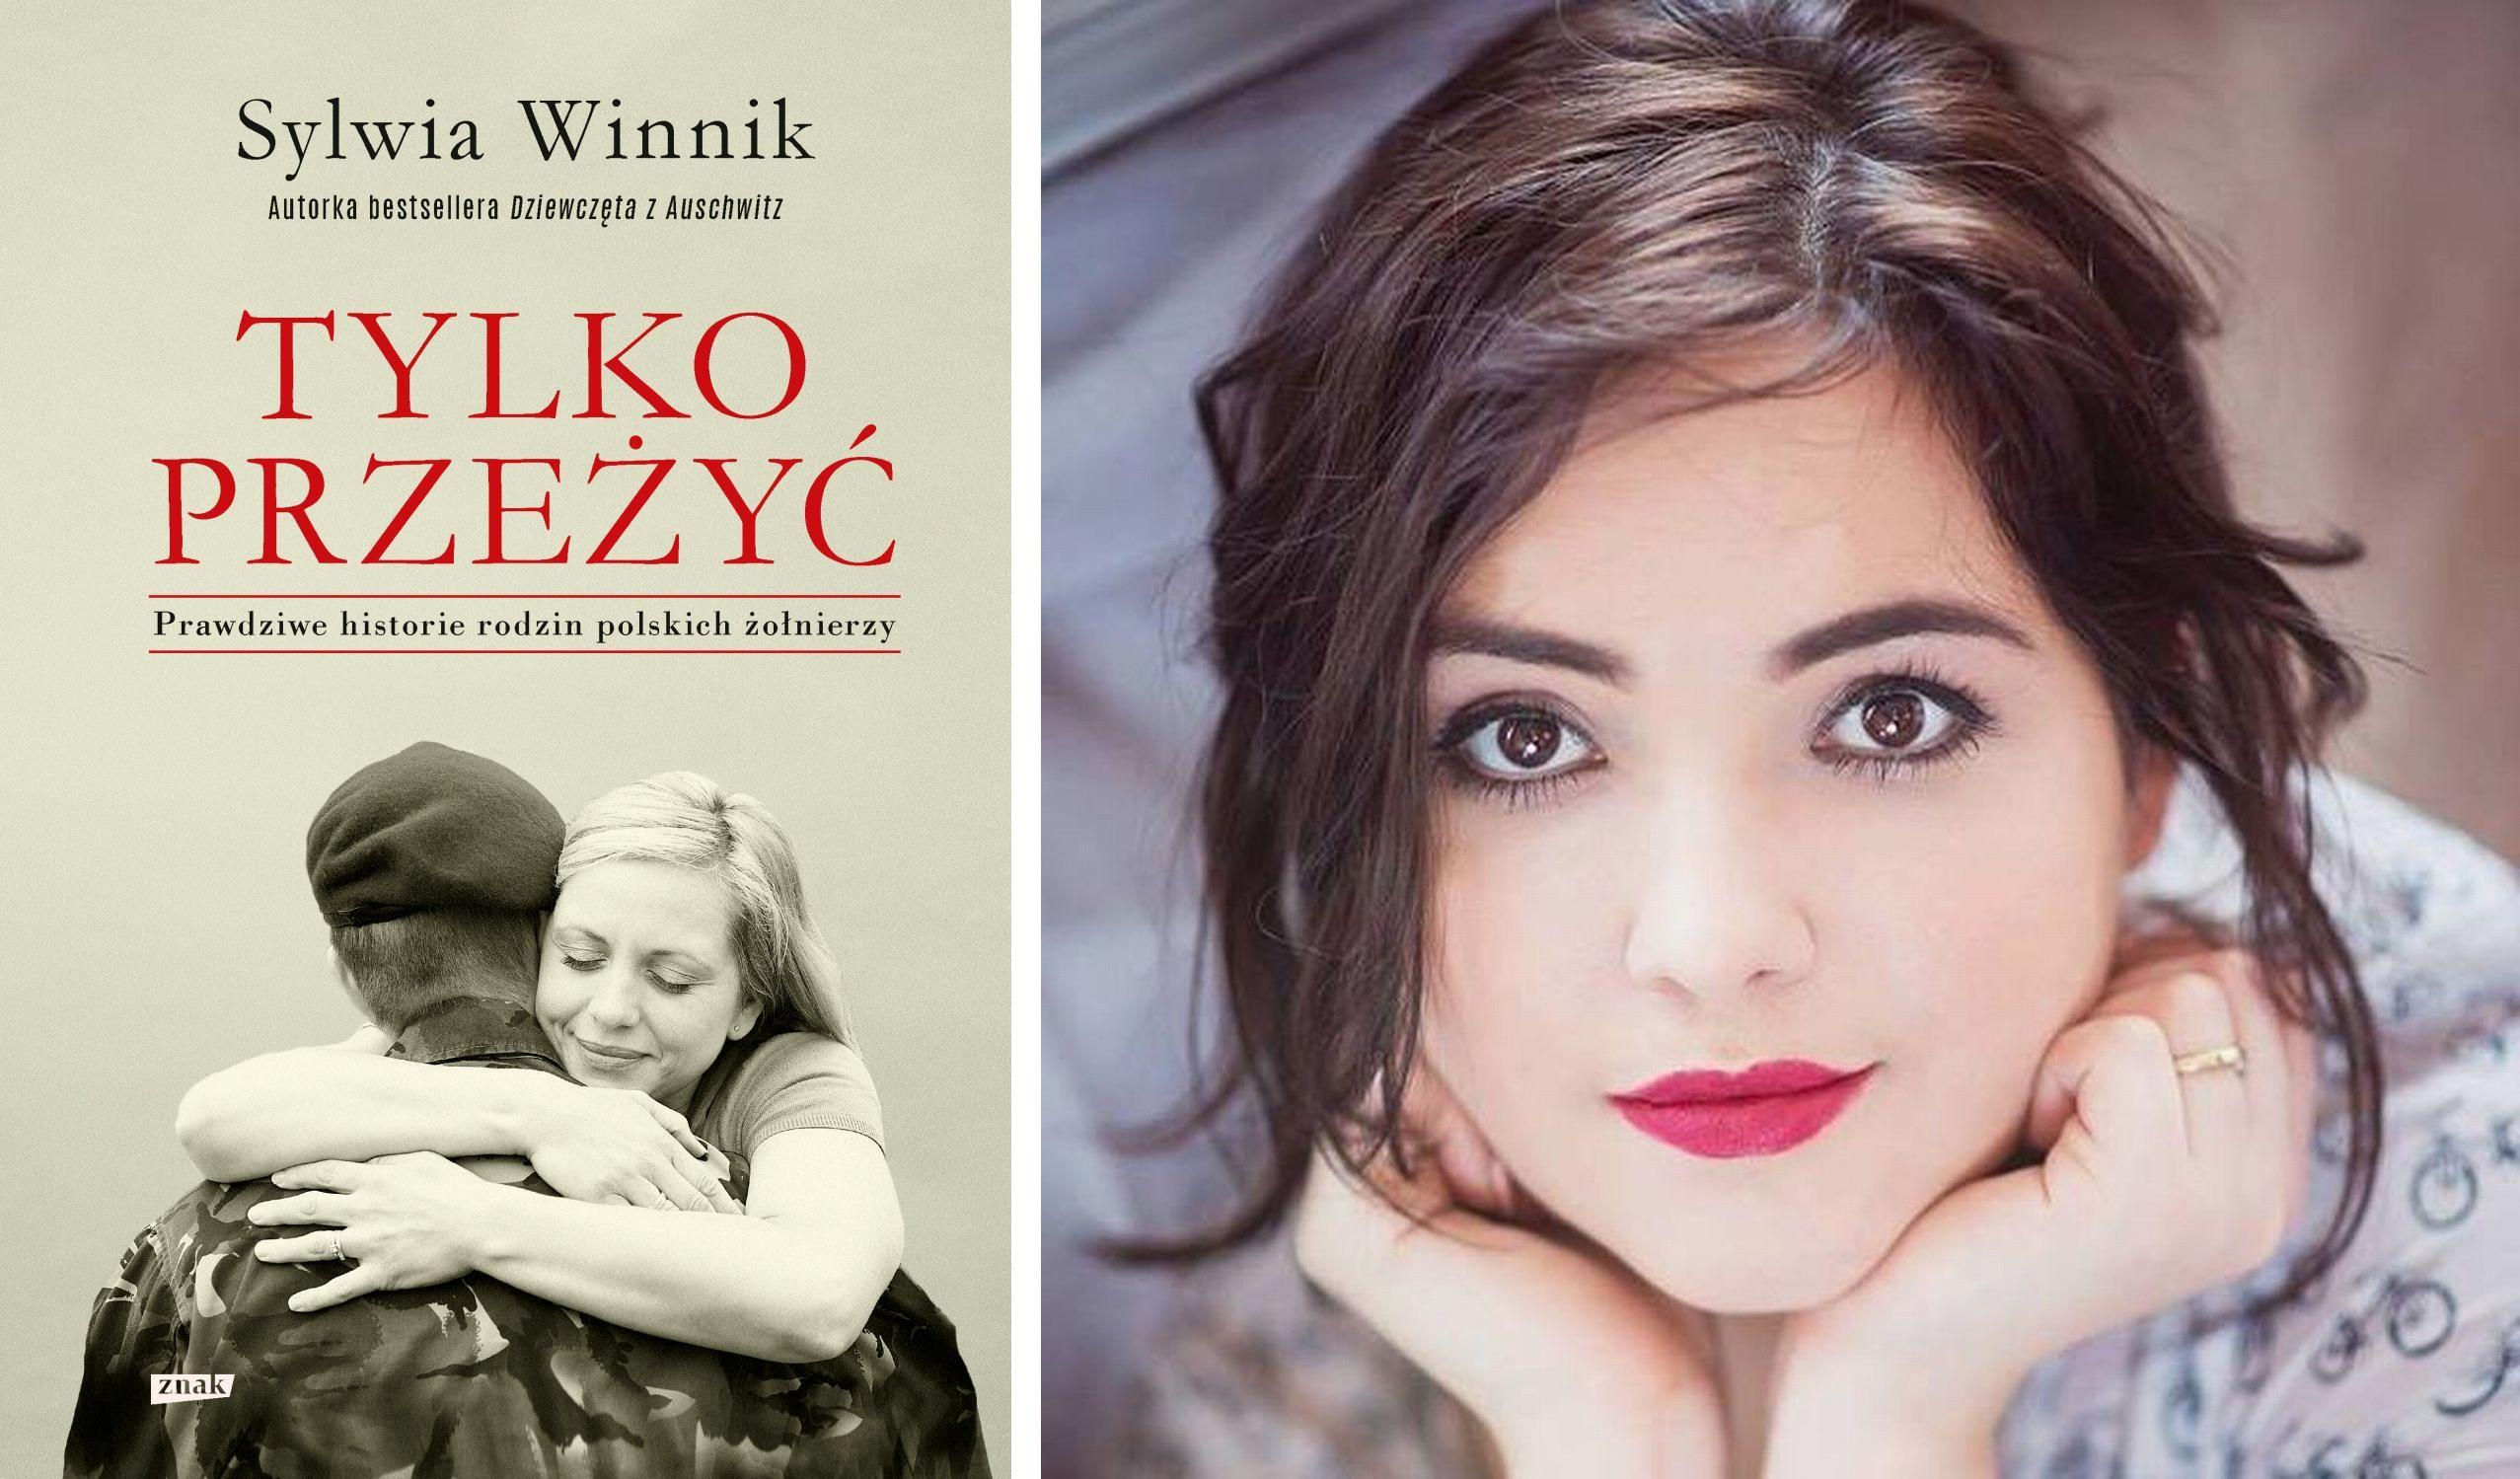 Książka Sylwii Winnik ukazała się nakładem Wydawnictwa Znak (mat. pasowe)